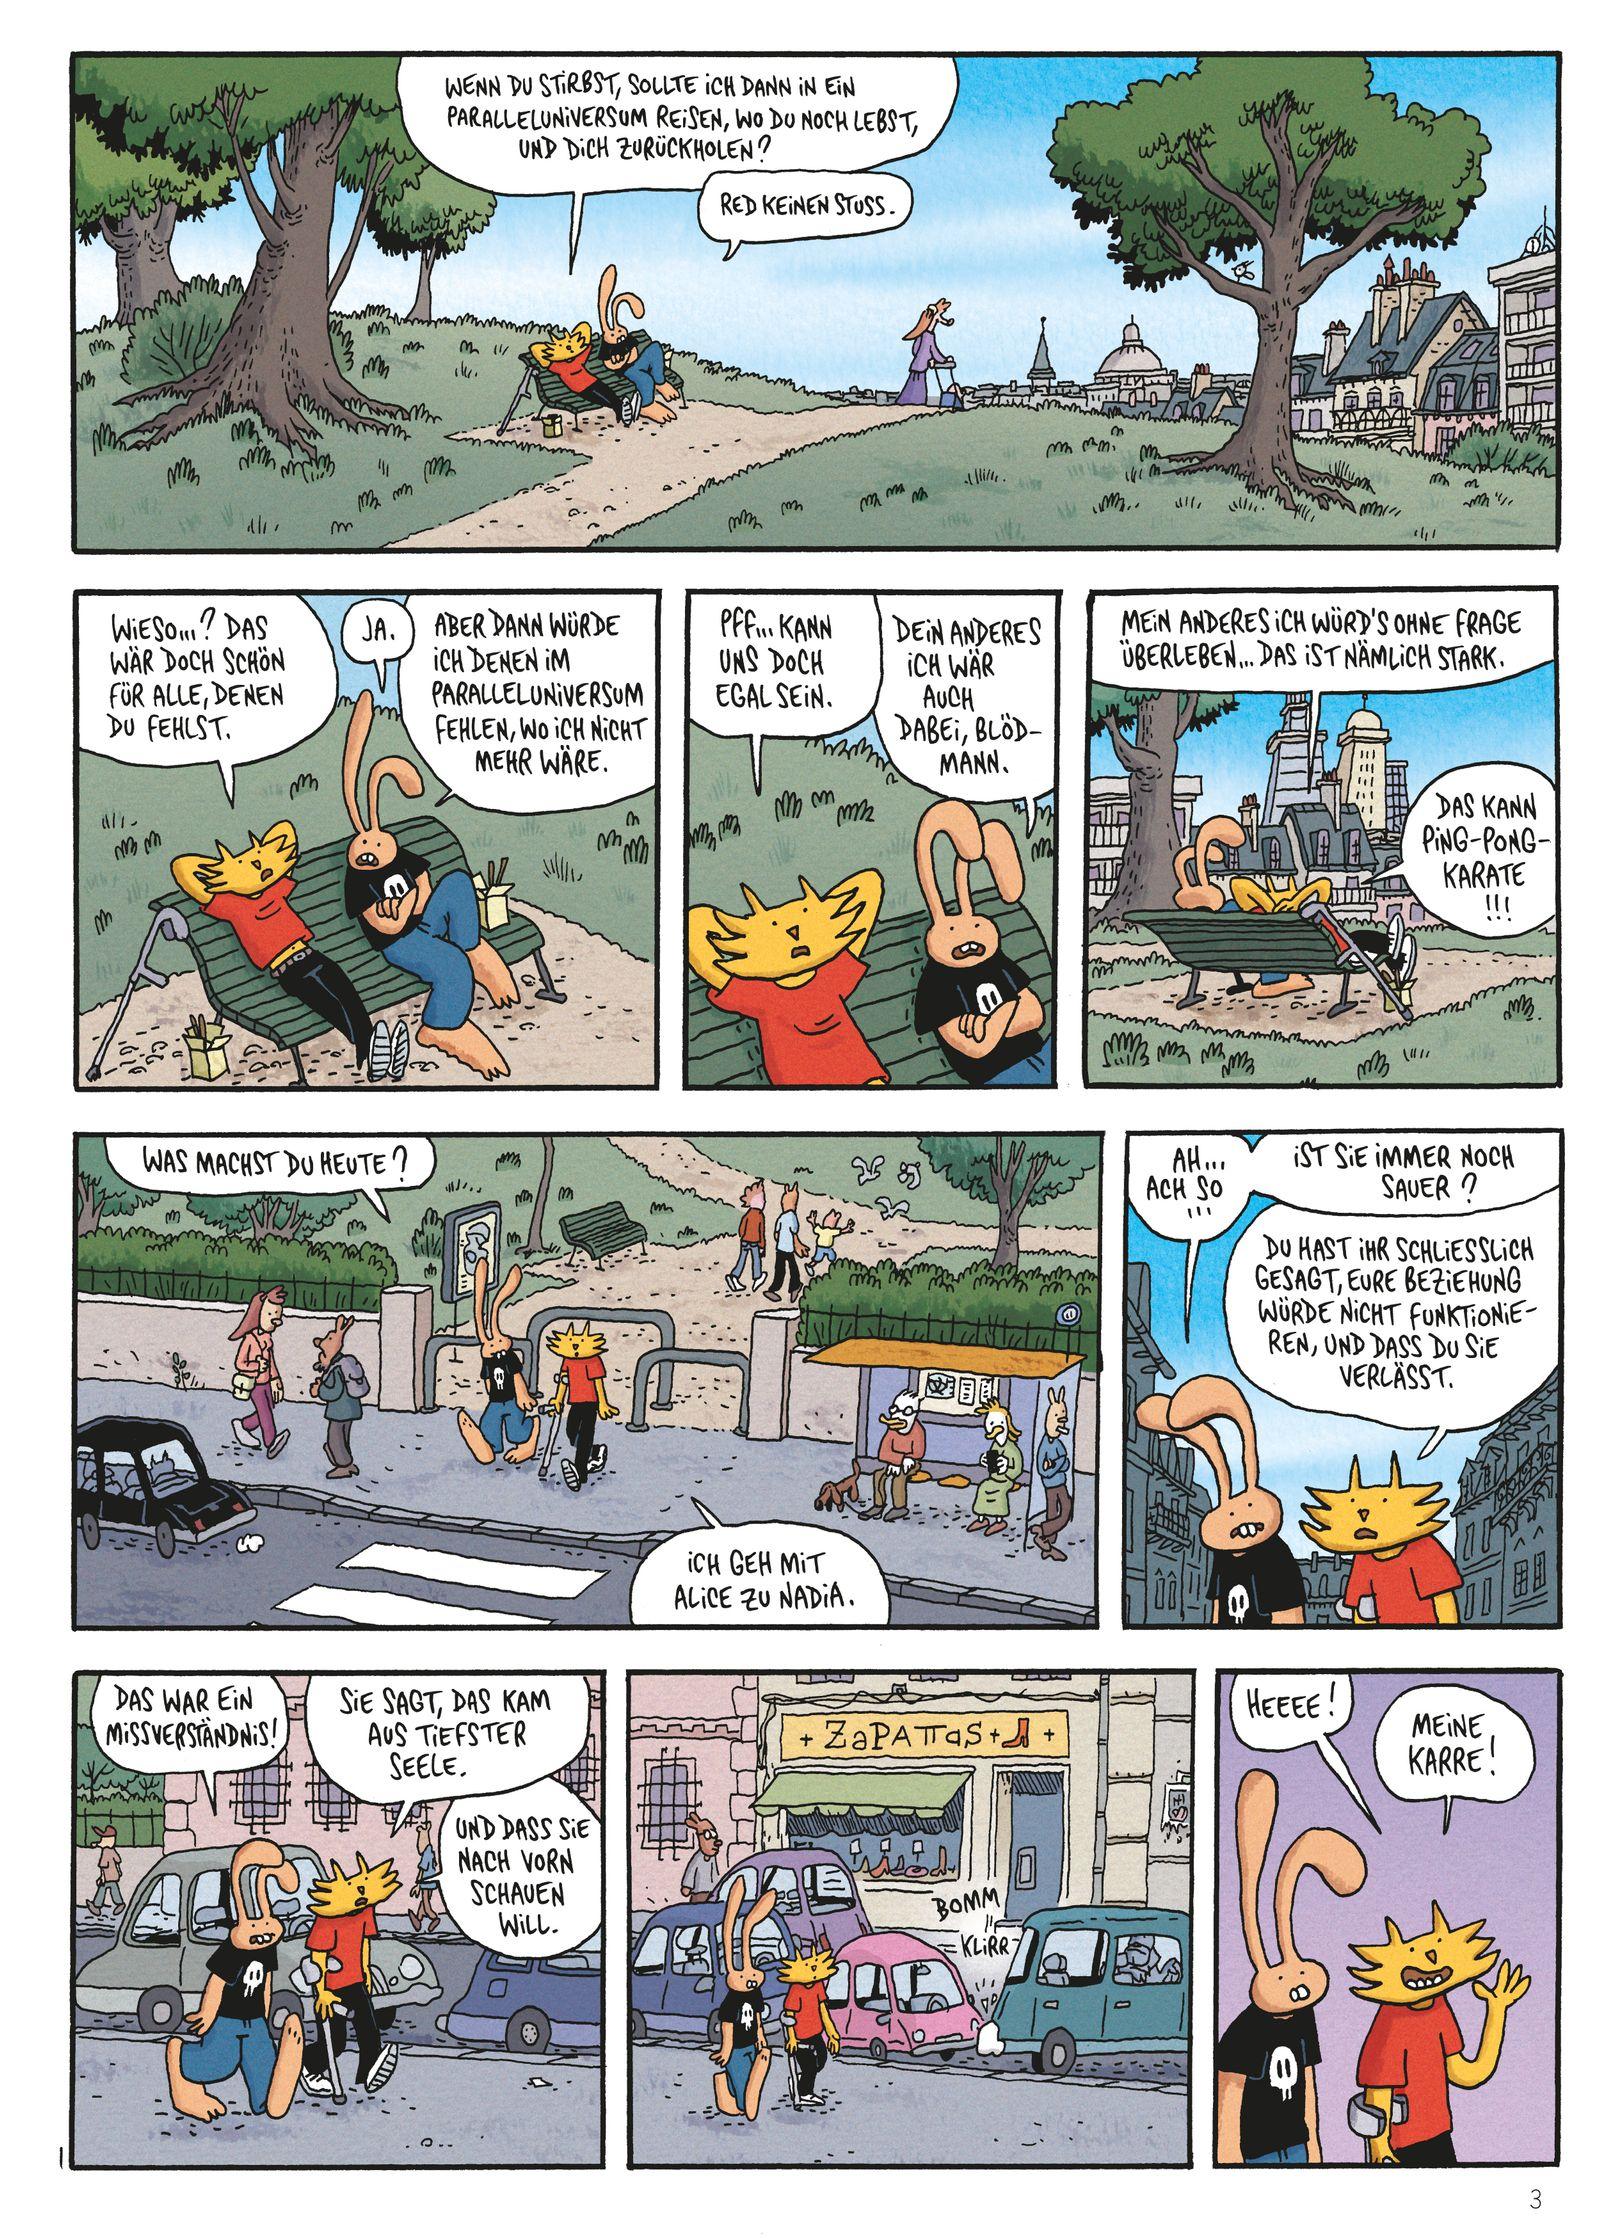 EINMALIGE VERWENDUNG Comictipps/ Lewis Trondheim: Die neuen Abenteuer von Herrn Hase 1: Eine etwas bessere Welt